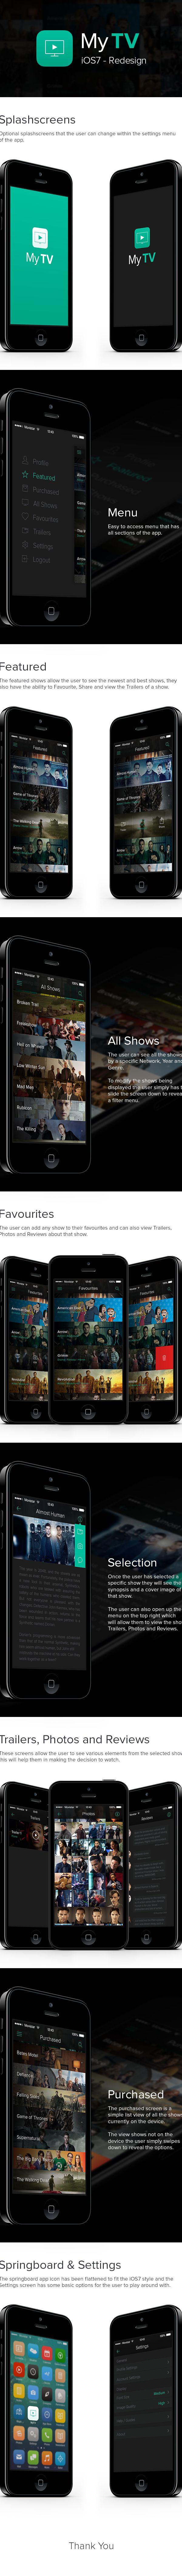 MyTV - iOS7 Concept on Behance